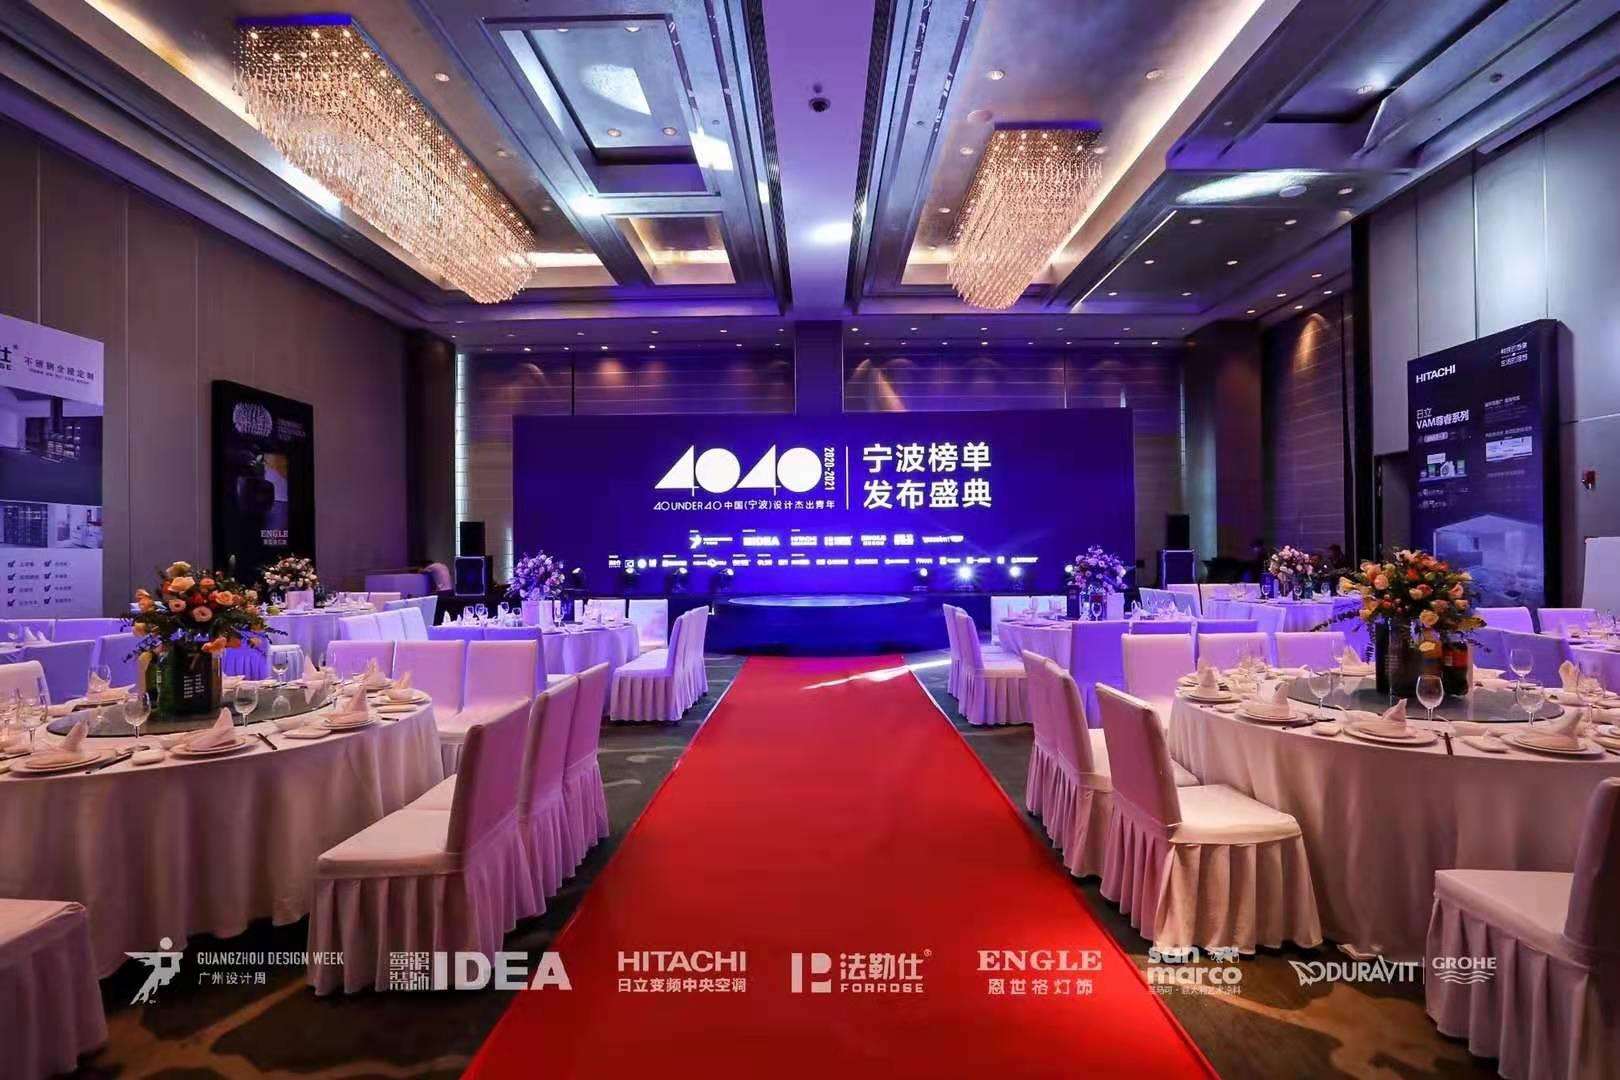 2020年40UNDER40宁波榜发布盛典 | 精英璀璨·匠心筑梦